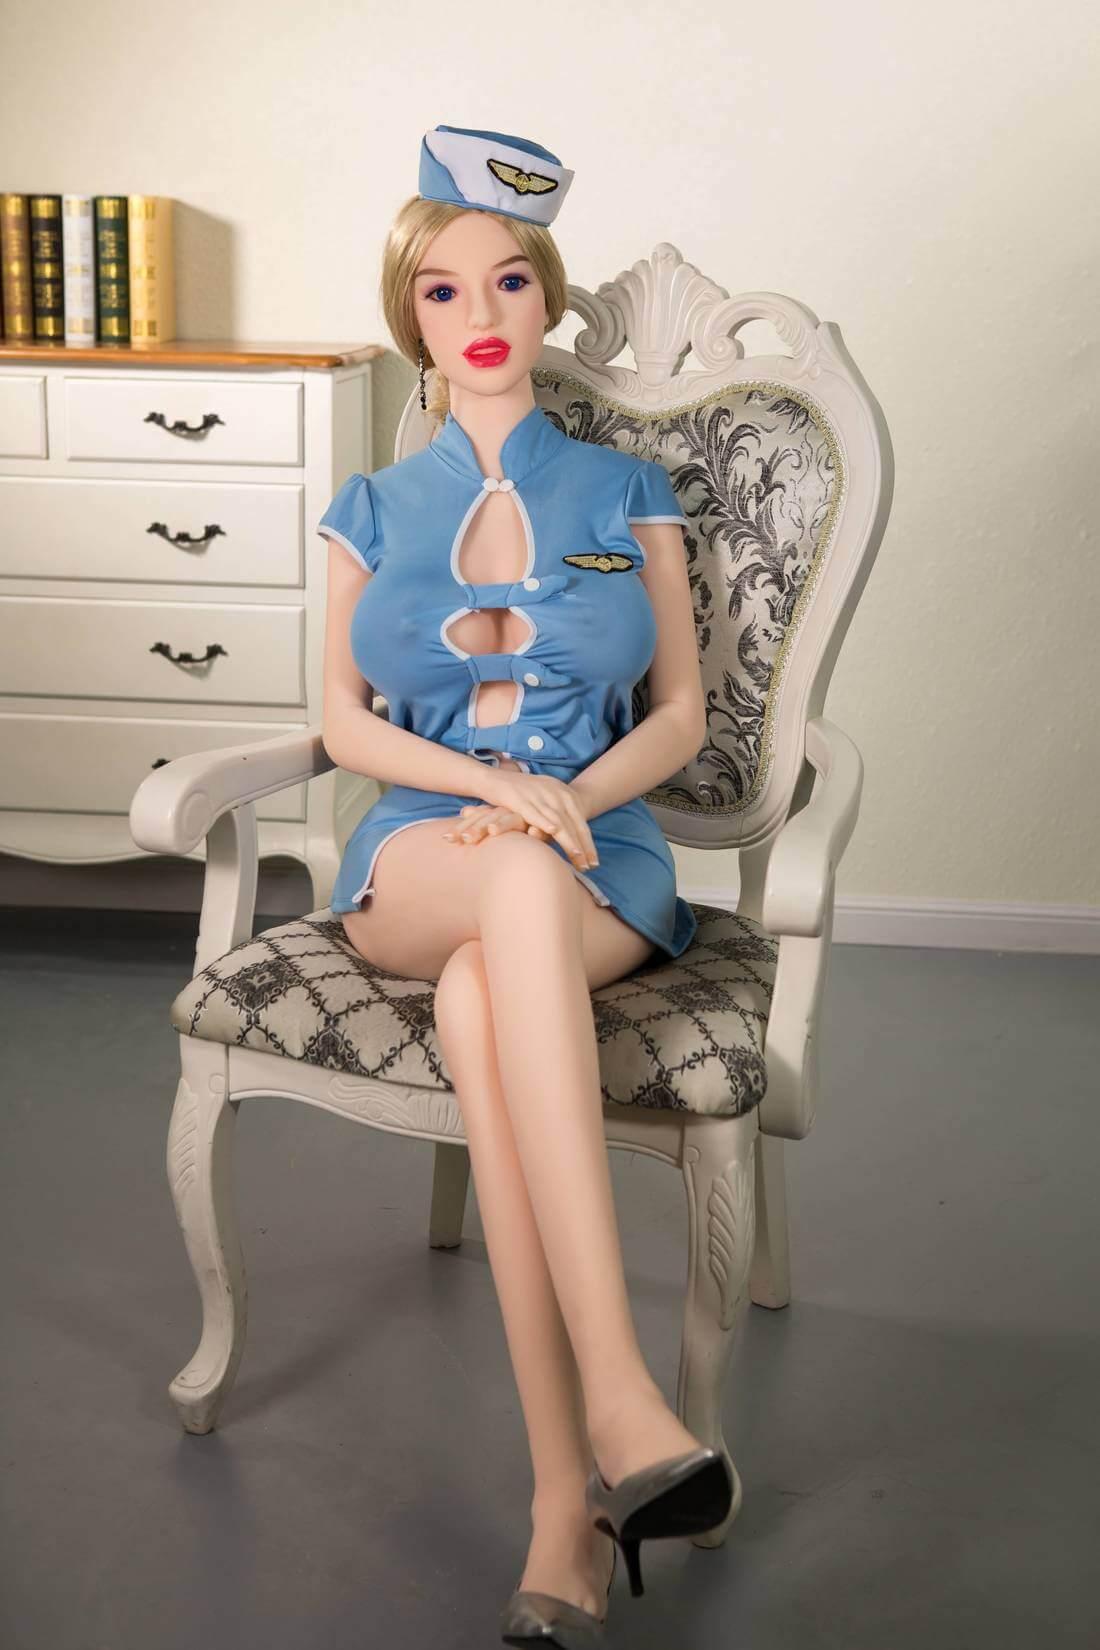 Hot Skinny Blonde Sex Doll - Renee